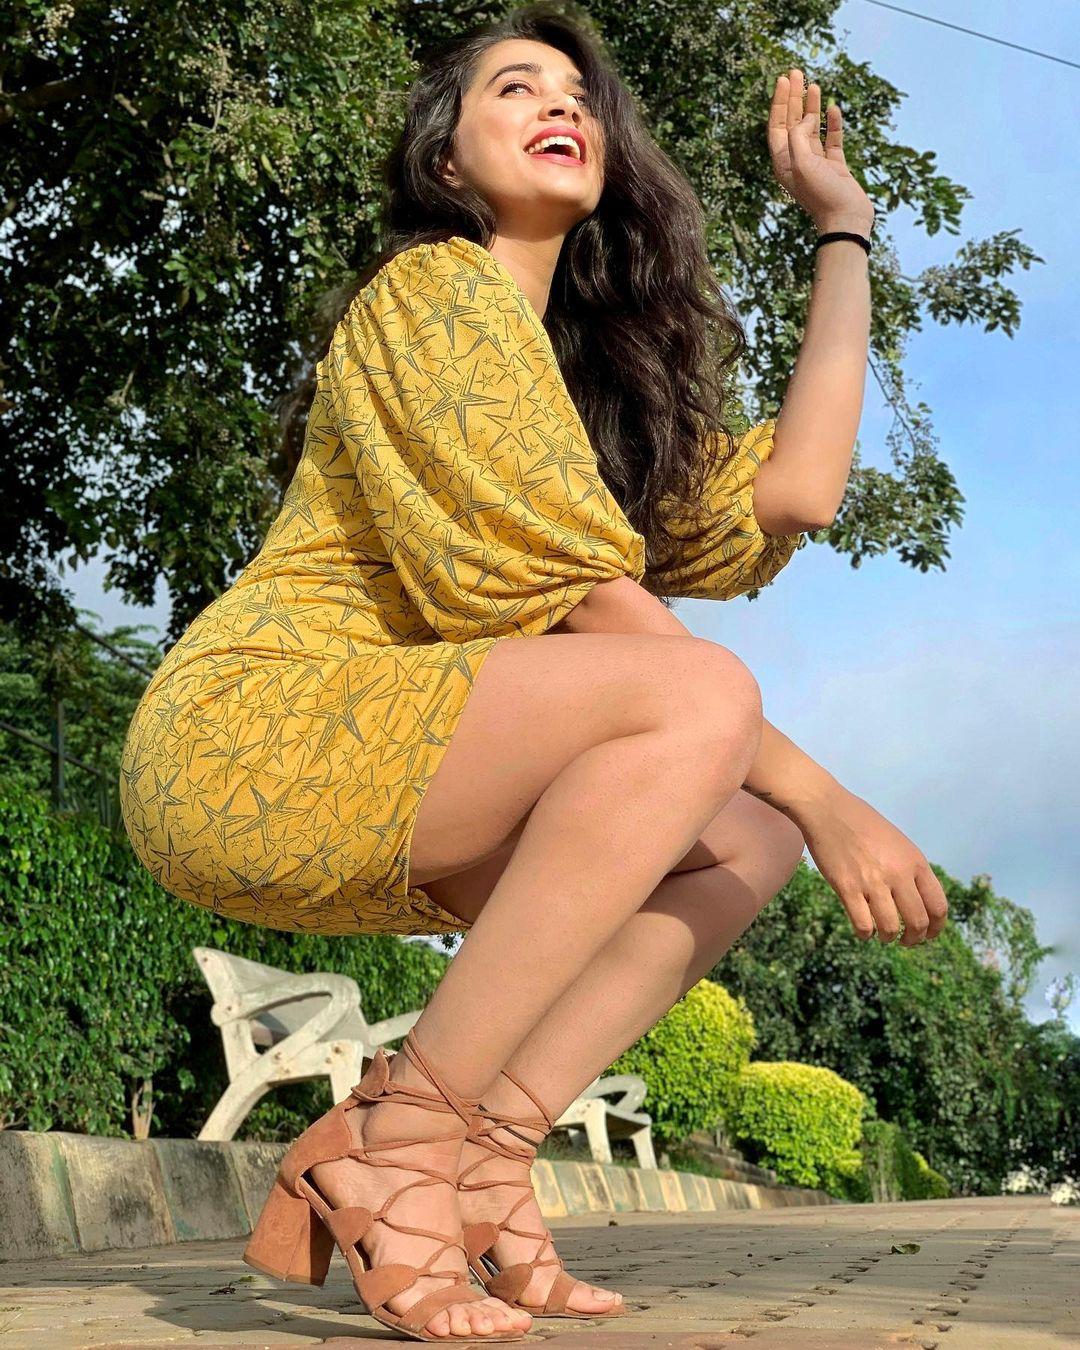 Apoorva Alex New Hottest Photos - Instagram Model Apoorva Alex